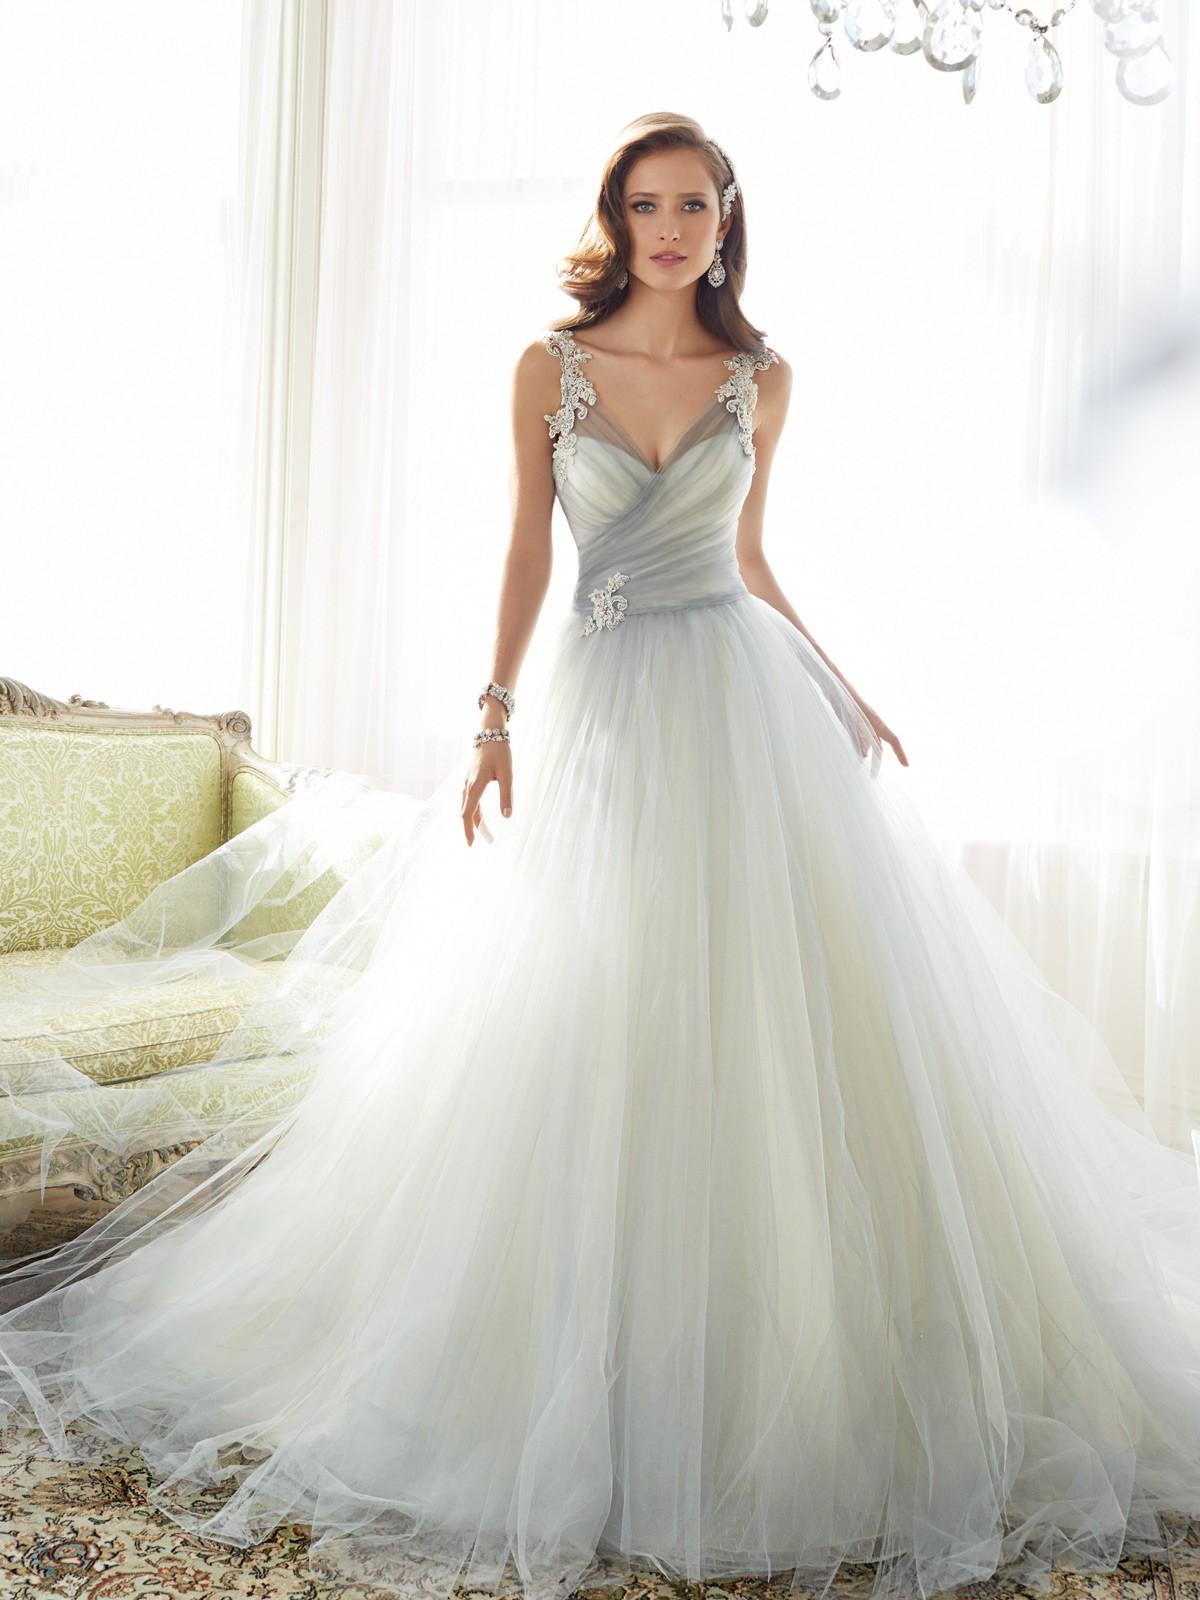 Sofía Tolli convierte el tul en un impresionante vestido de novia #wedding #dress